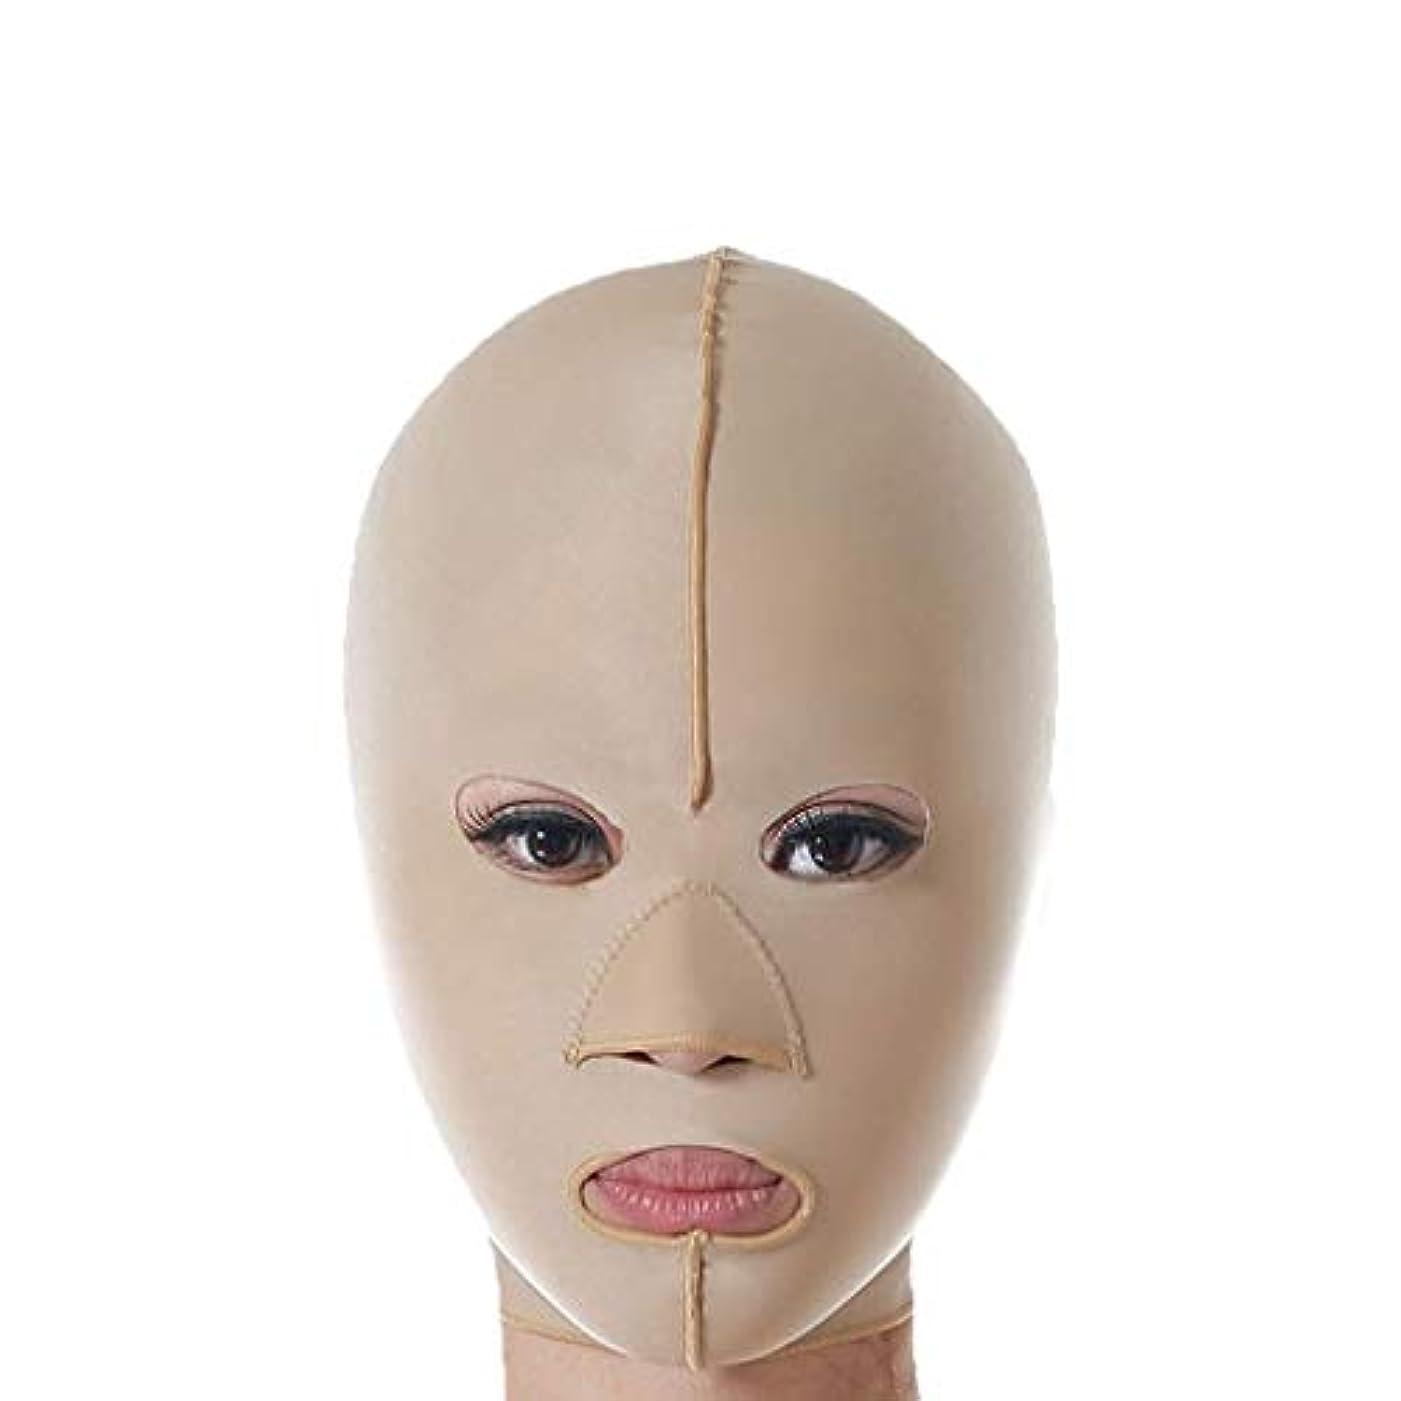 マーガレットミッチェル専門化する浜辺減量フェイスマスク、リフティング包帯、スリムフェイスリフトリフティングベルト、フェイシャル減量リフティング包帯、リフティングファーミング包帯(サイズ:XL),XL